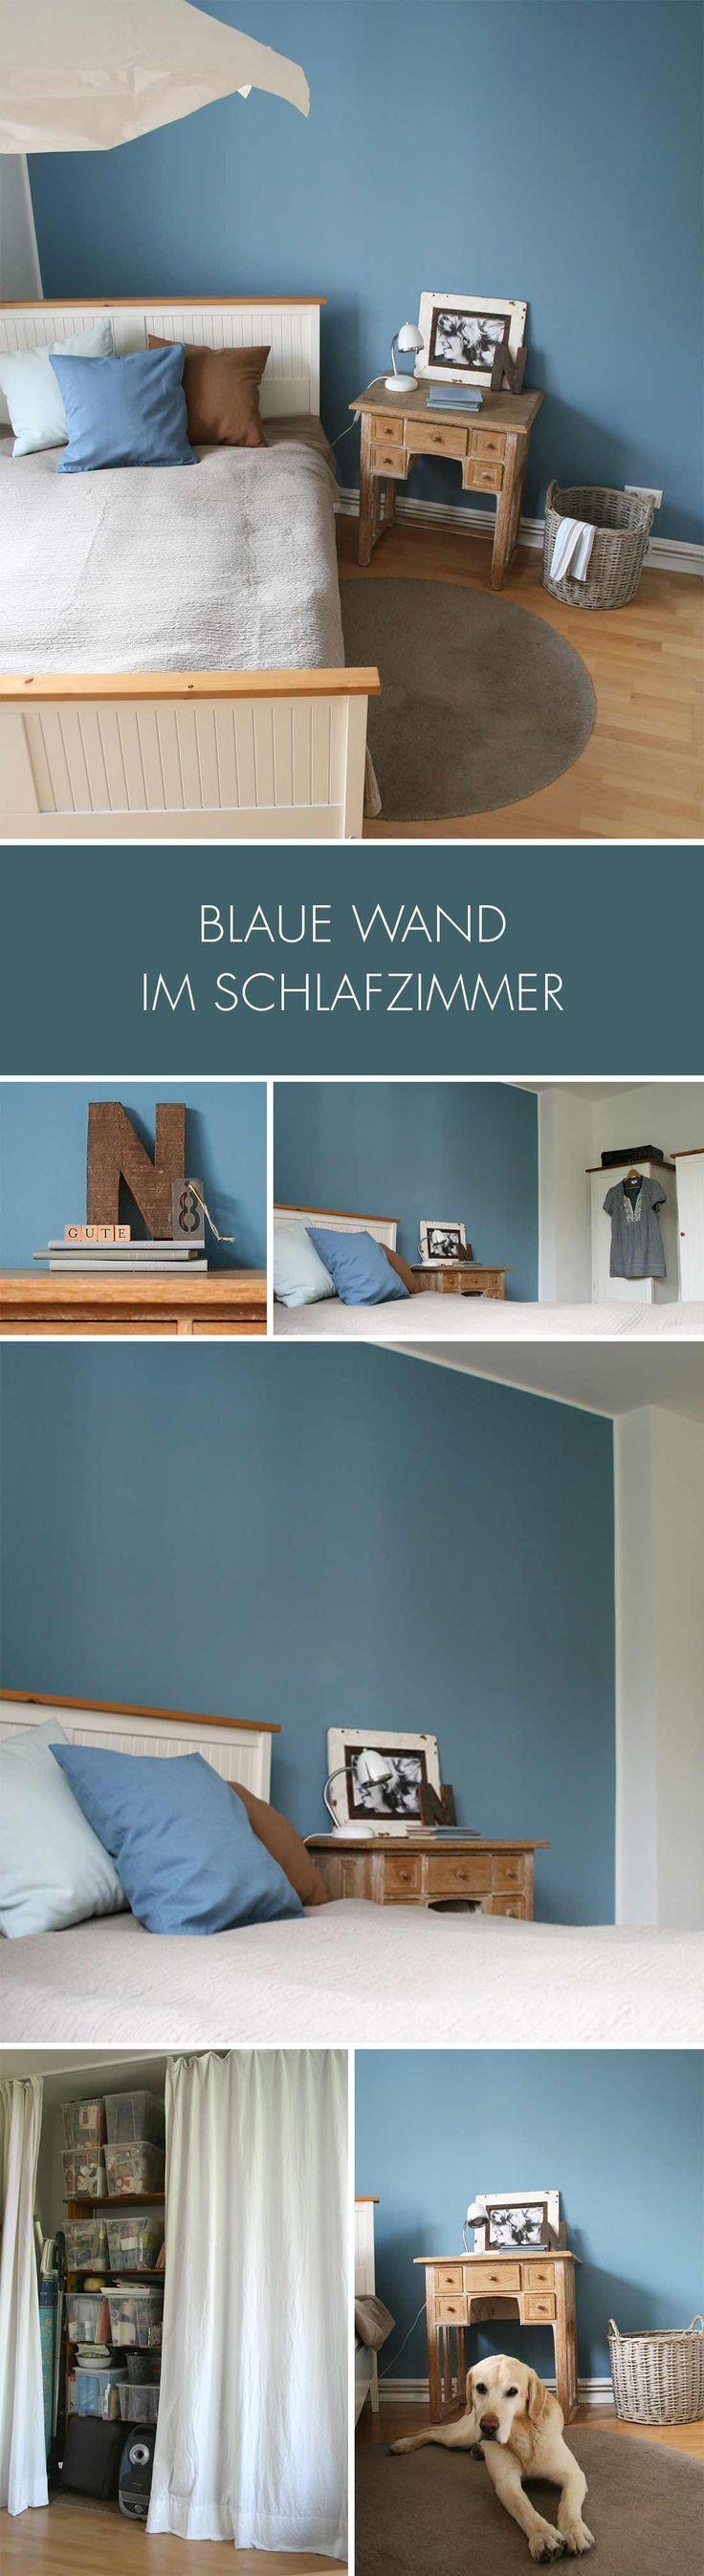 Blaue Wand im Schlafzimmer und wie ich eine praktische Abstellkammer versteckt habe.